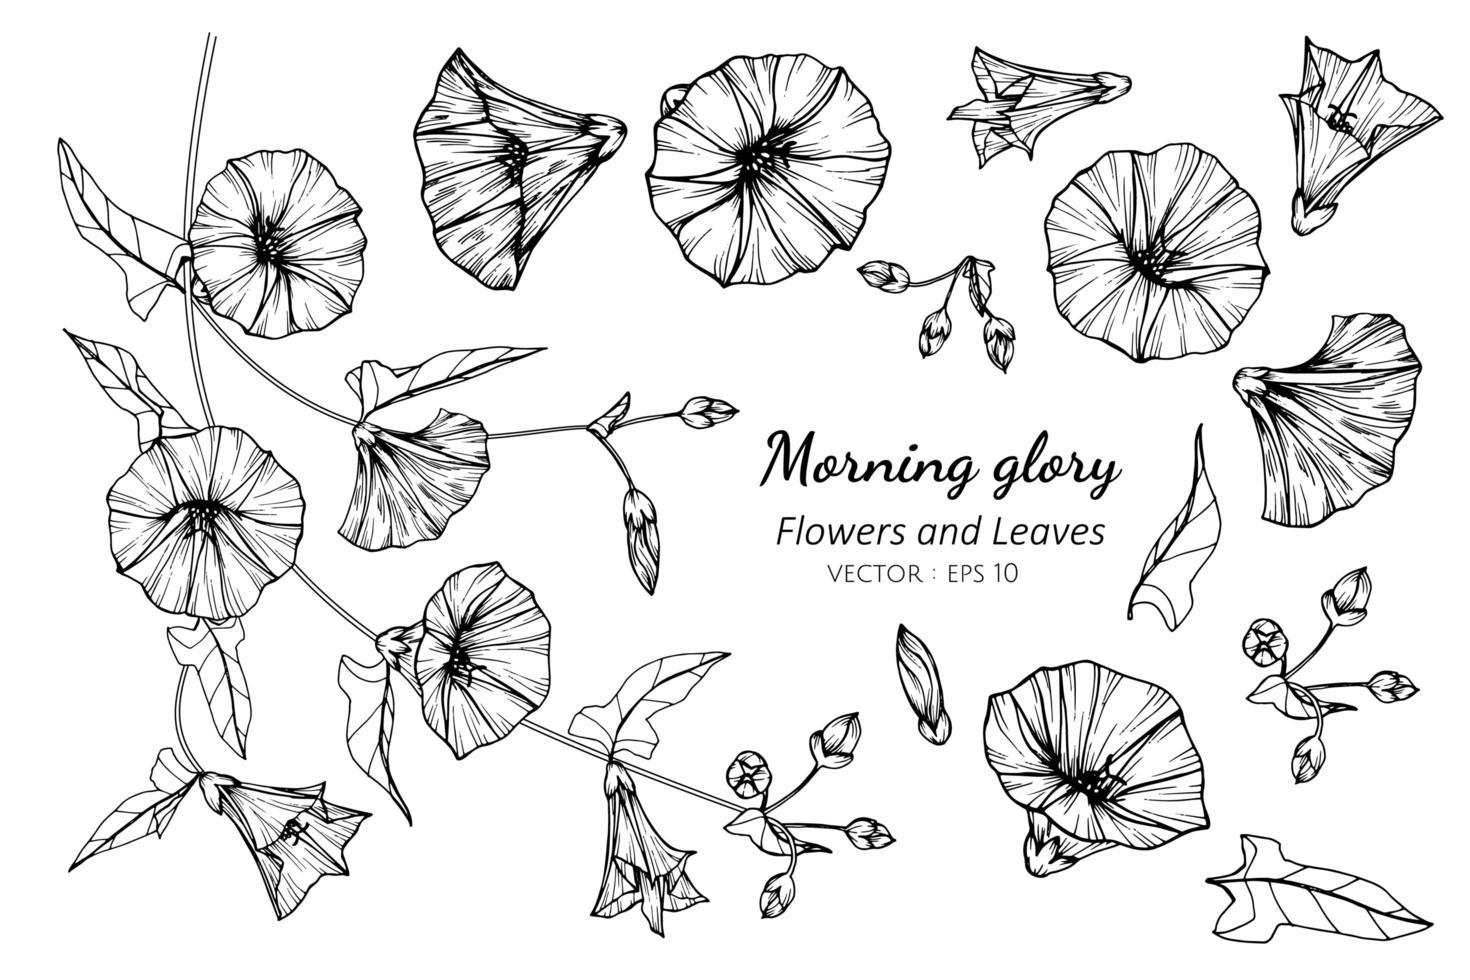 colección de flores y hojas de morning glory vector